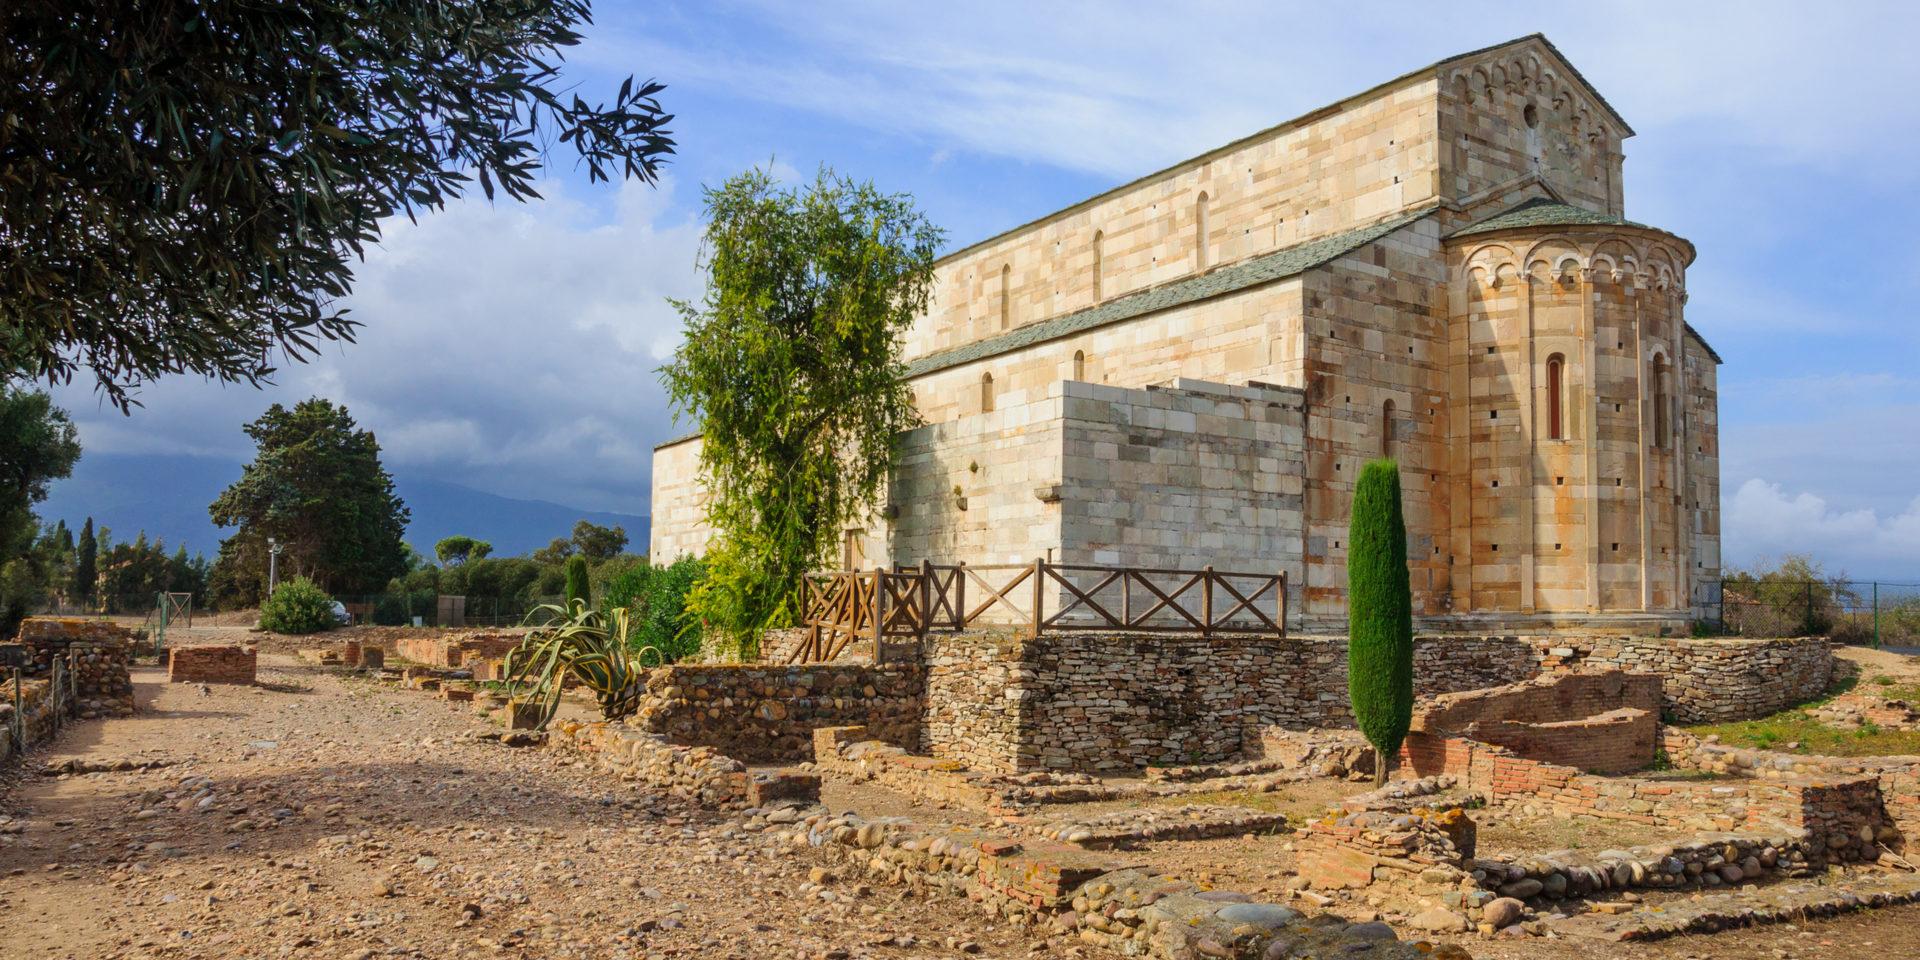 La-Canonica Santa-Maria-Assunta Bastia Lucciana Corsica Frankrijk